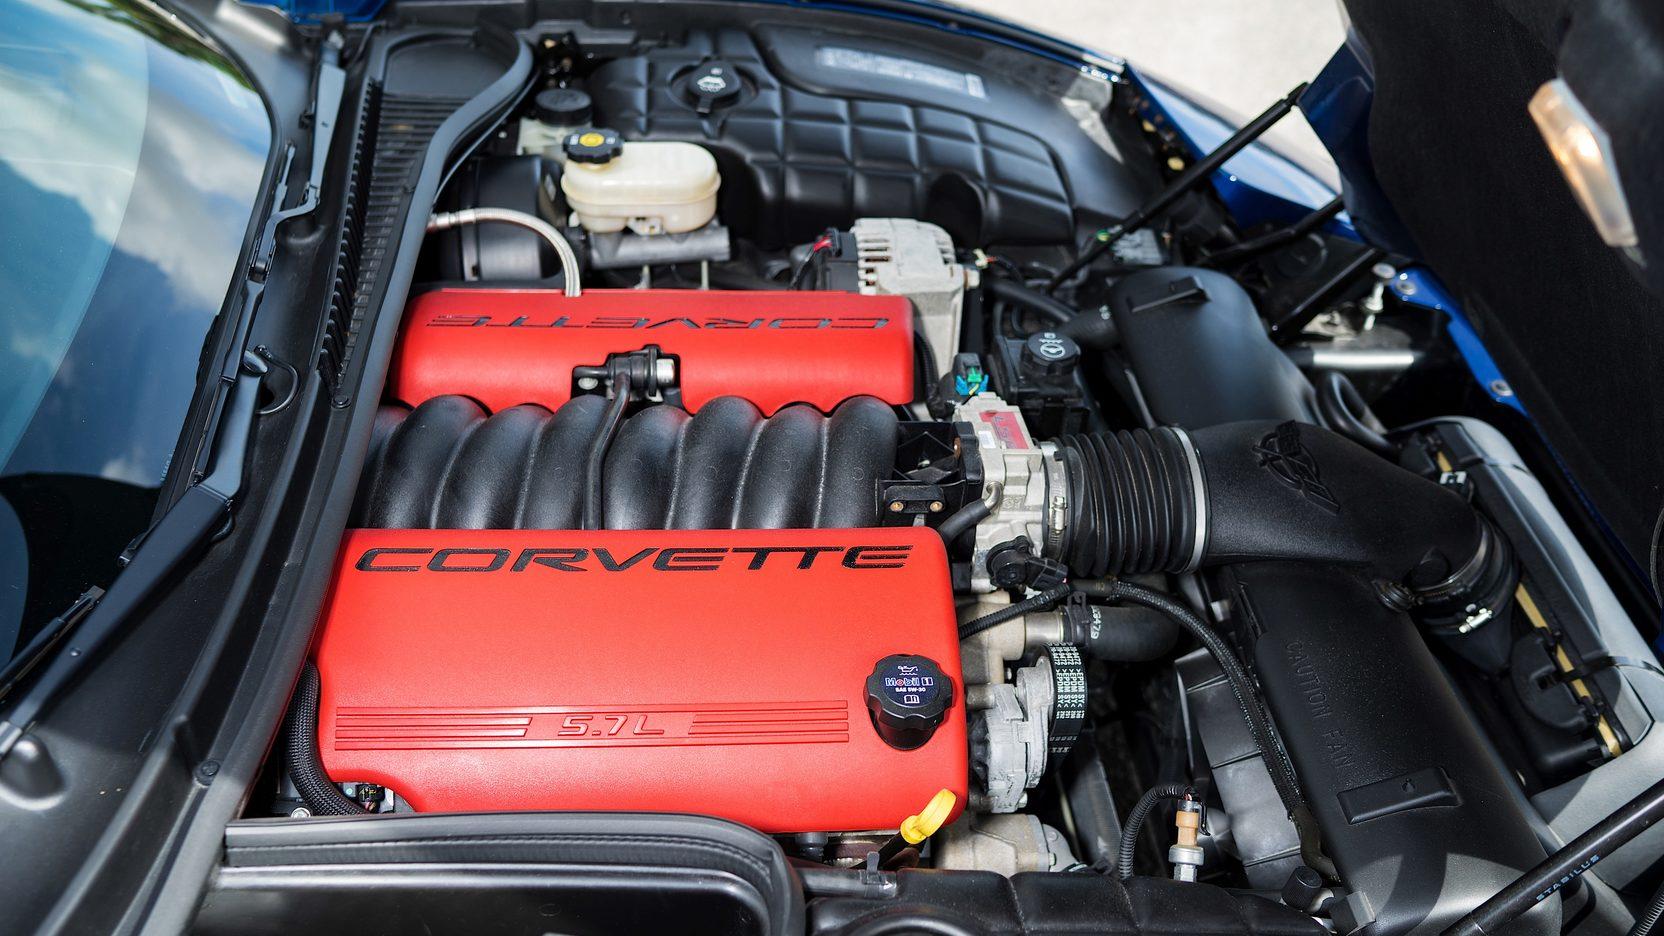 2004 Chevrolet Corvette Z06 engine